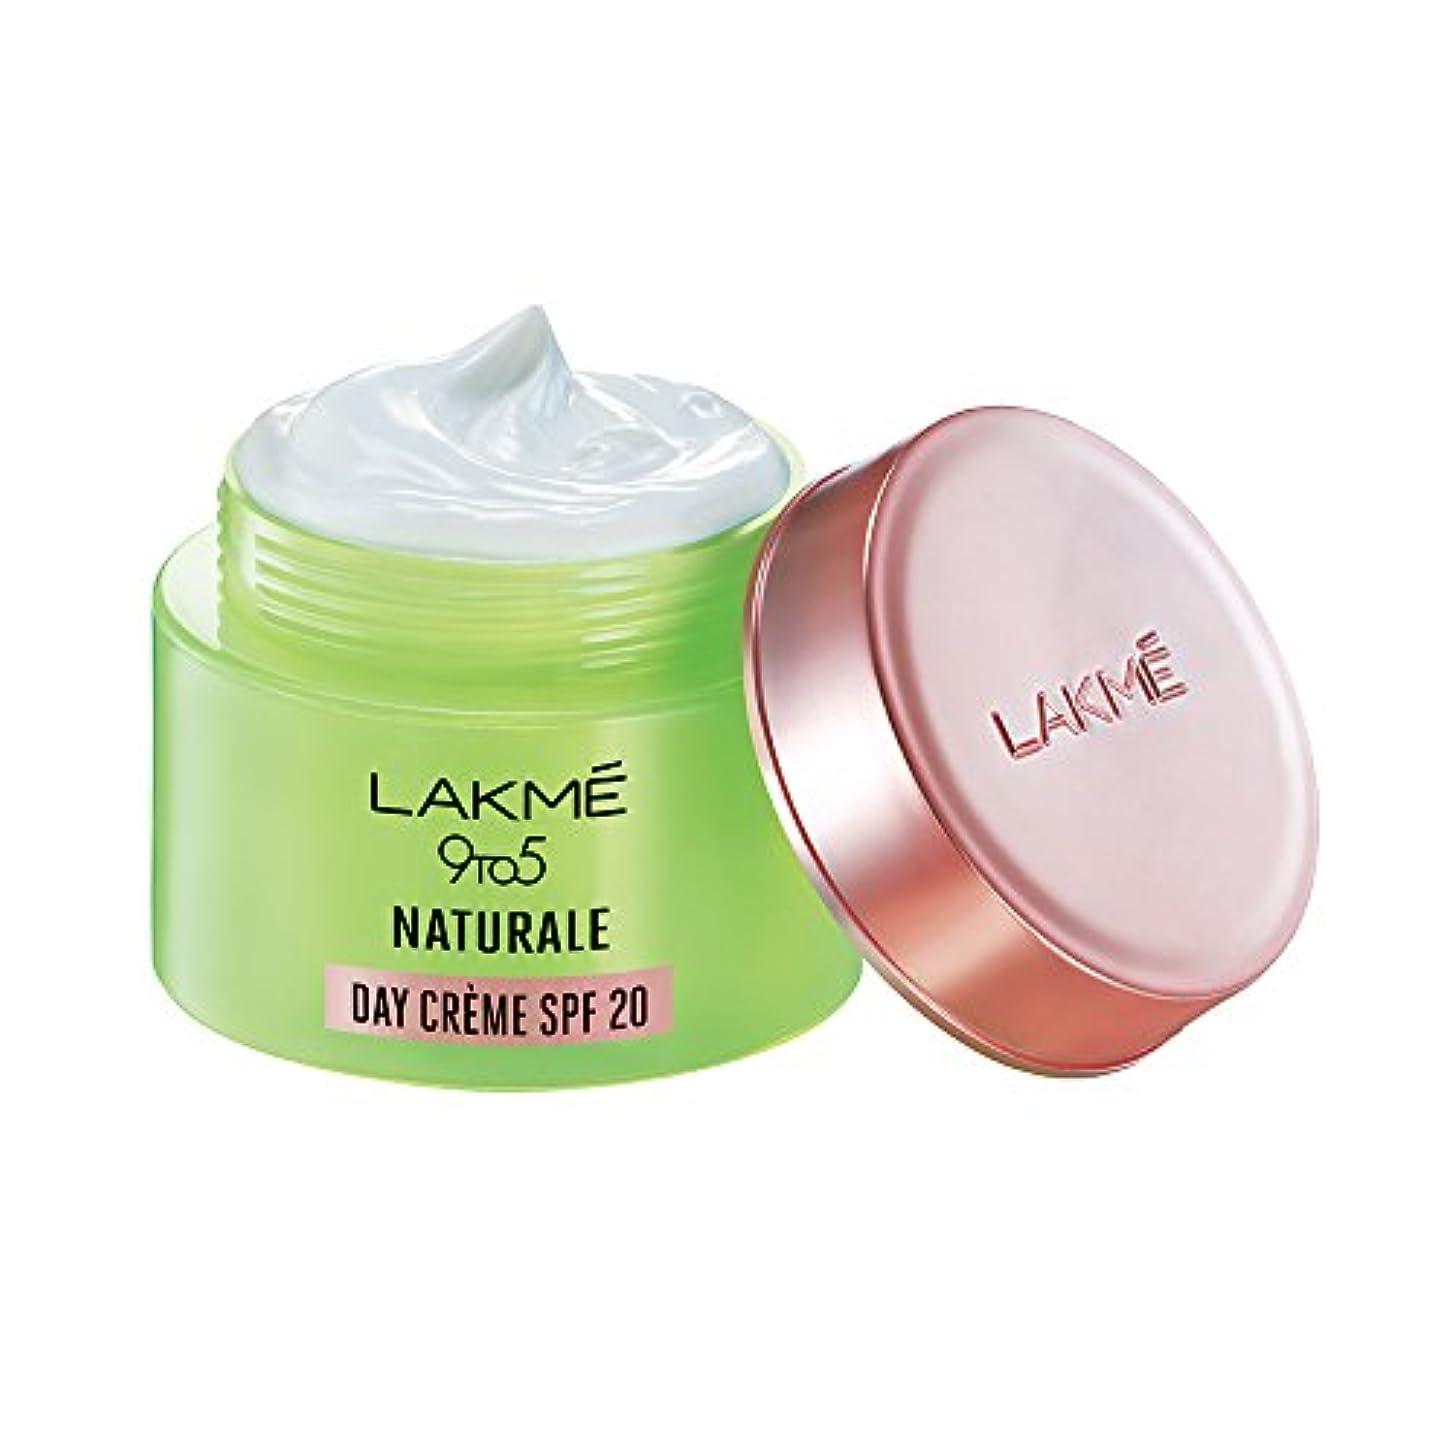 被害者シングル前提Lakme 9 to 5 Naturale Day Creme SPF 20, 50 g